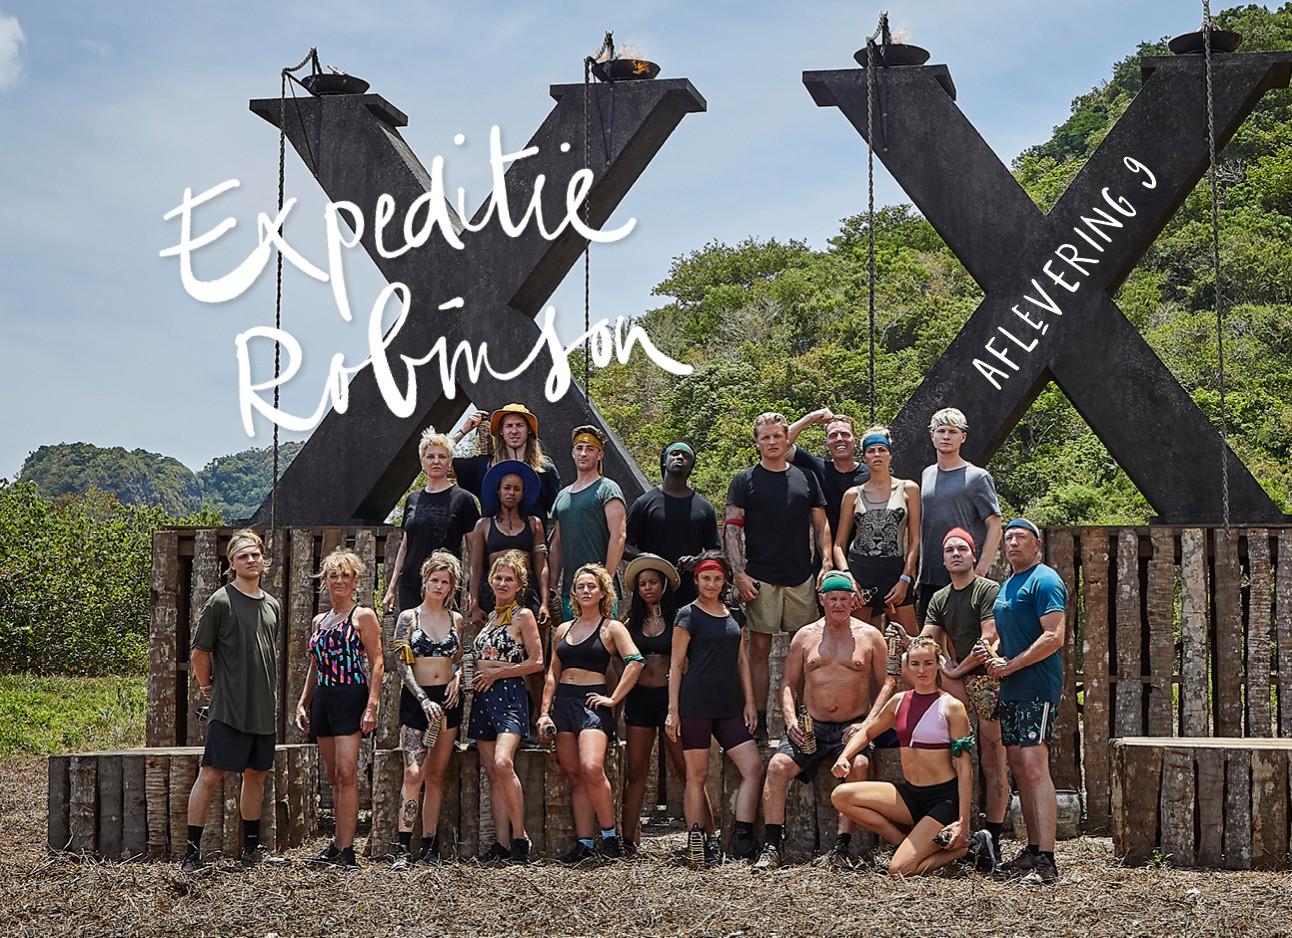 de officele groepsfoto van de expeditie leden